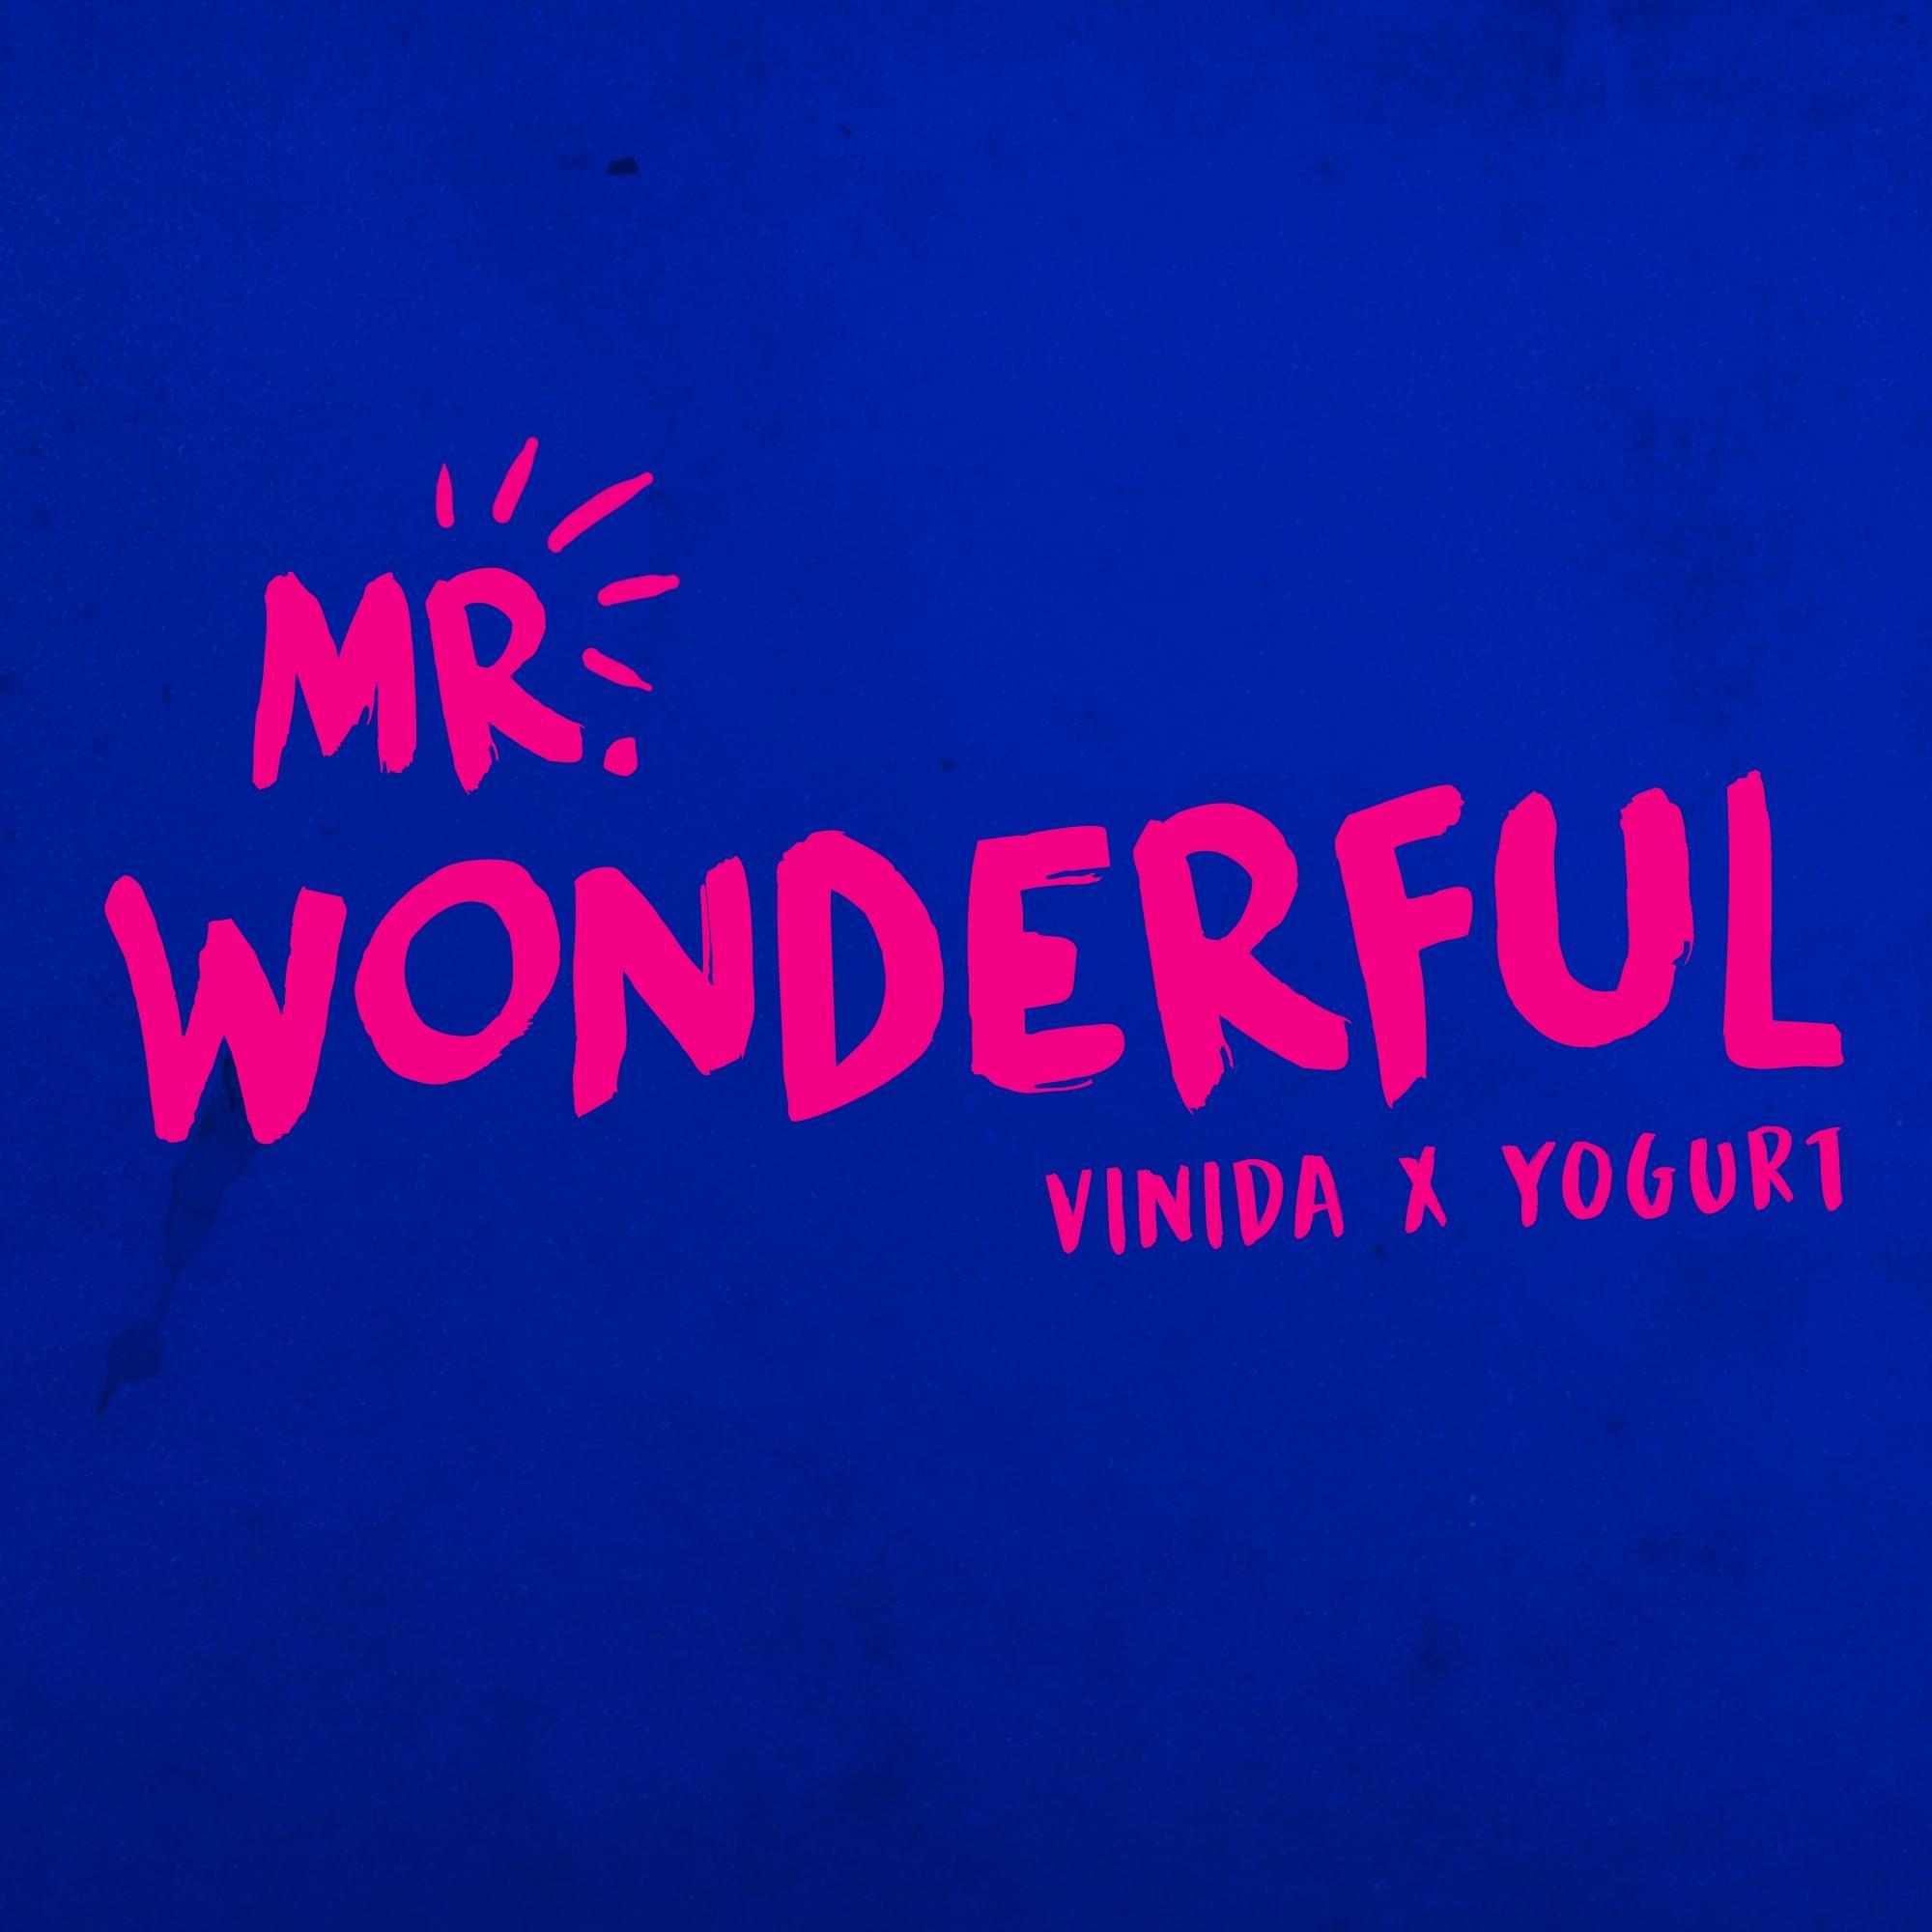 万妮达《Mr. Wonderful》首发 云音乐独家首播